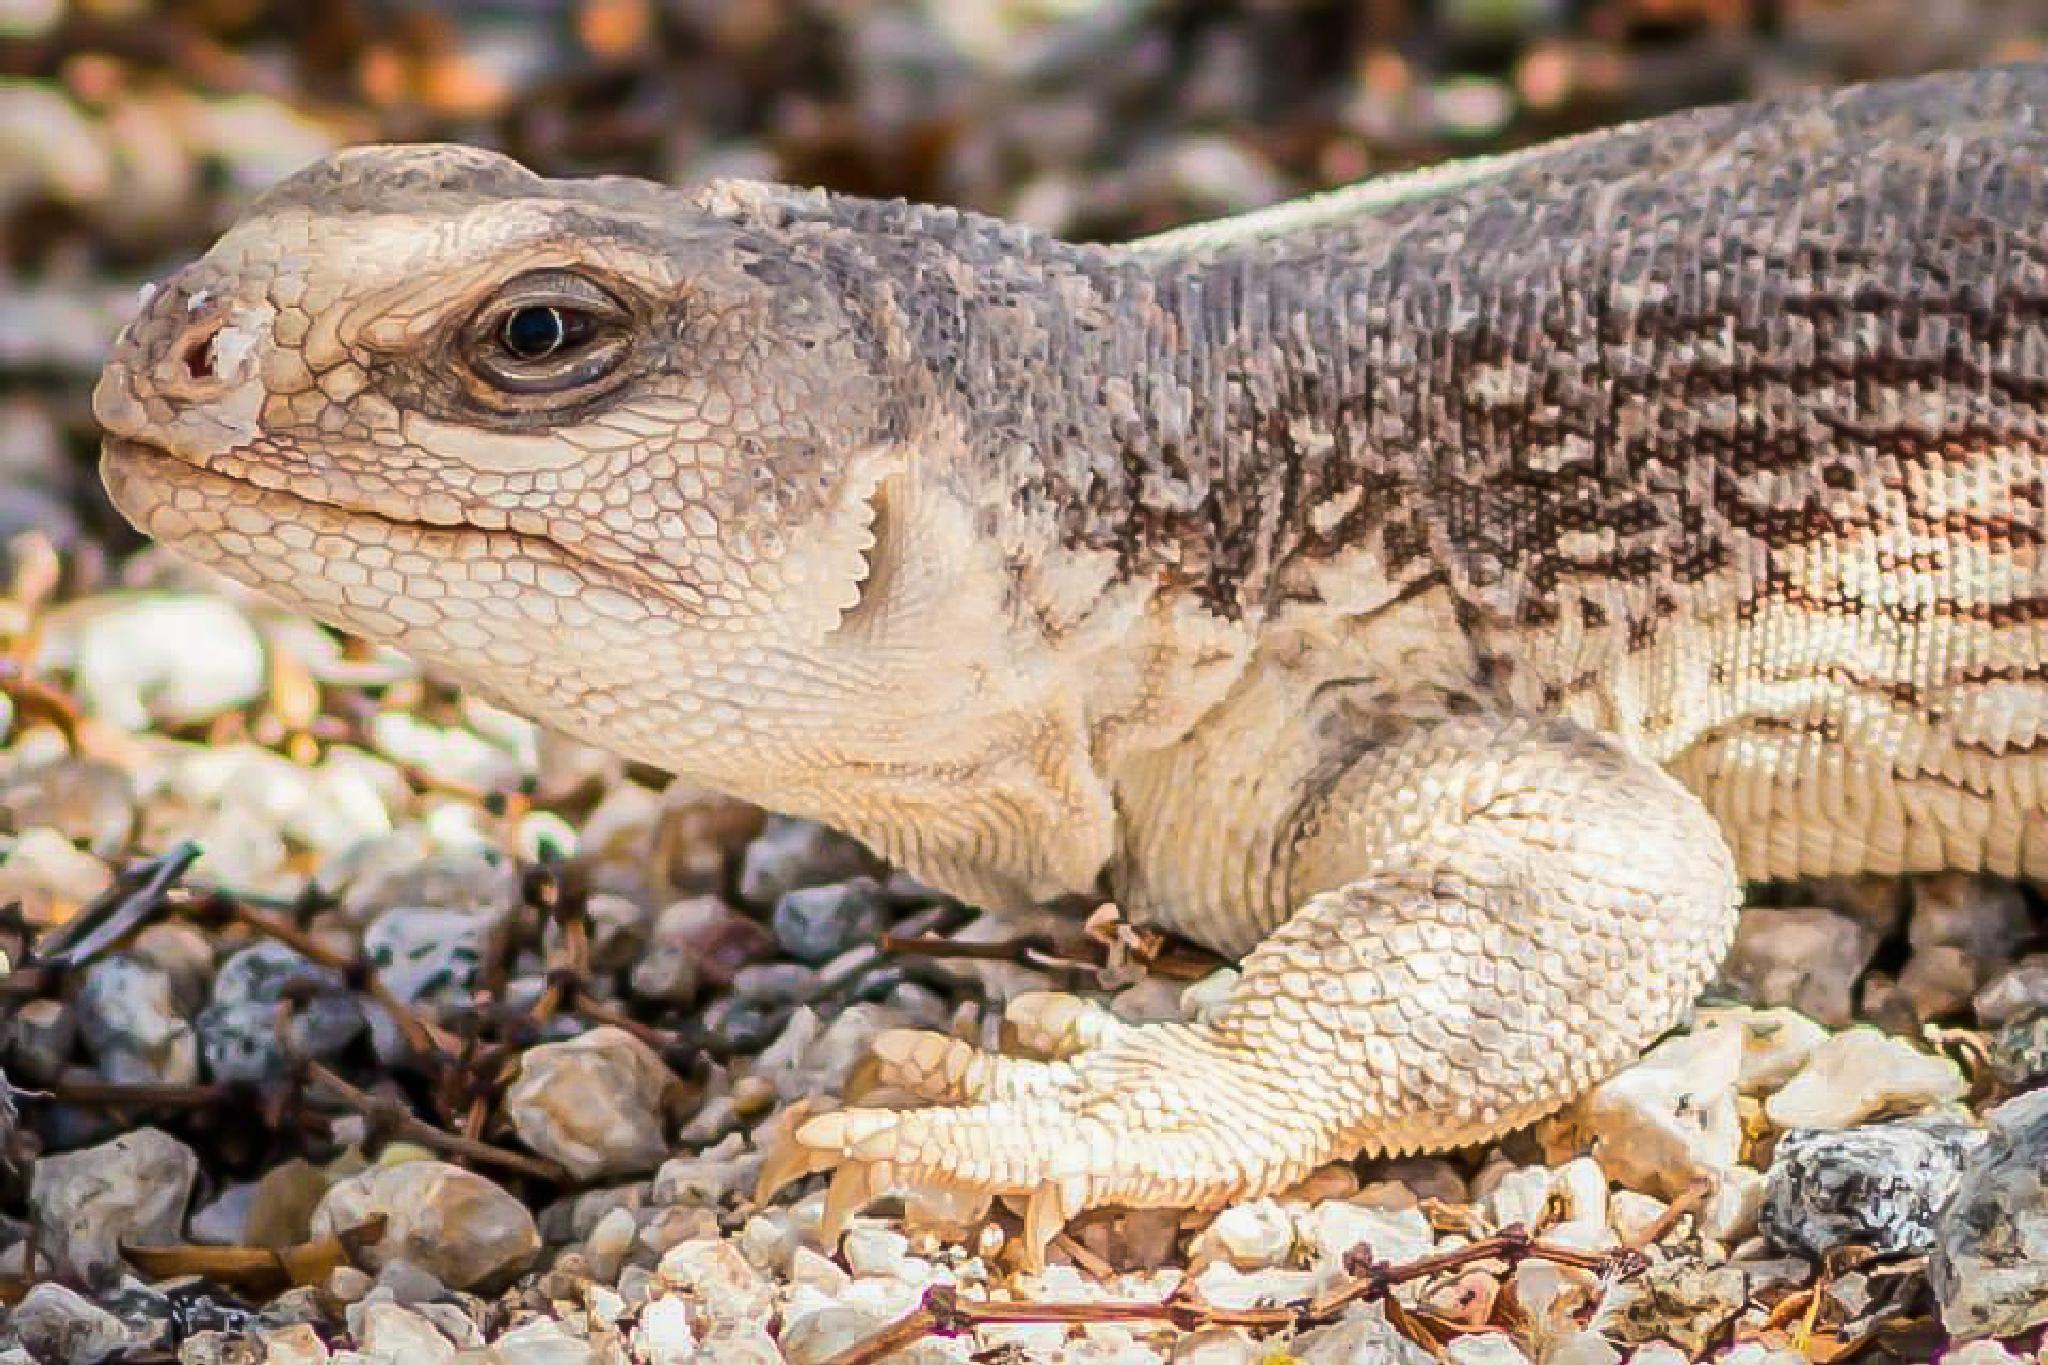 Iguana by Petminder